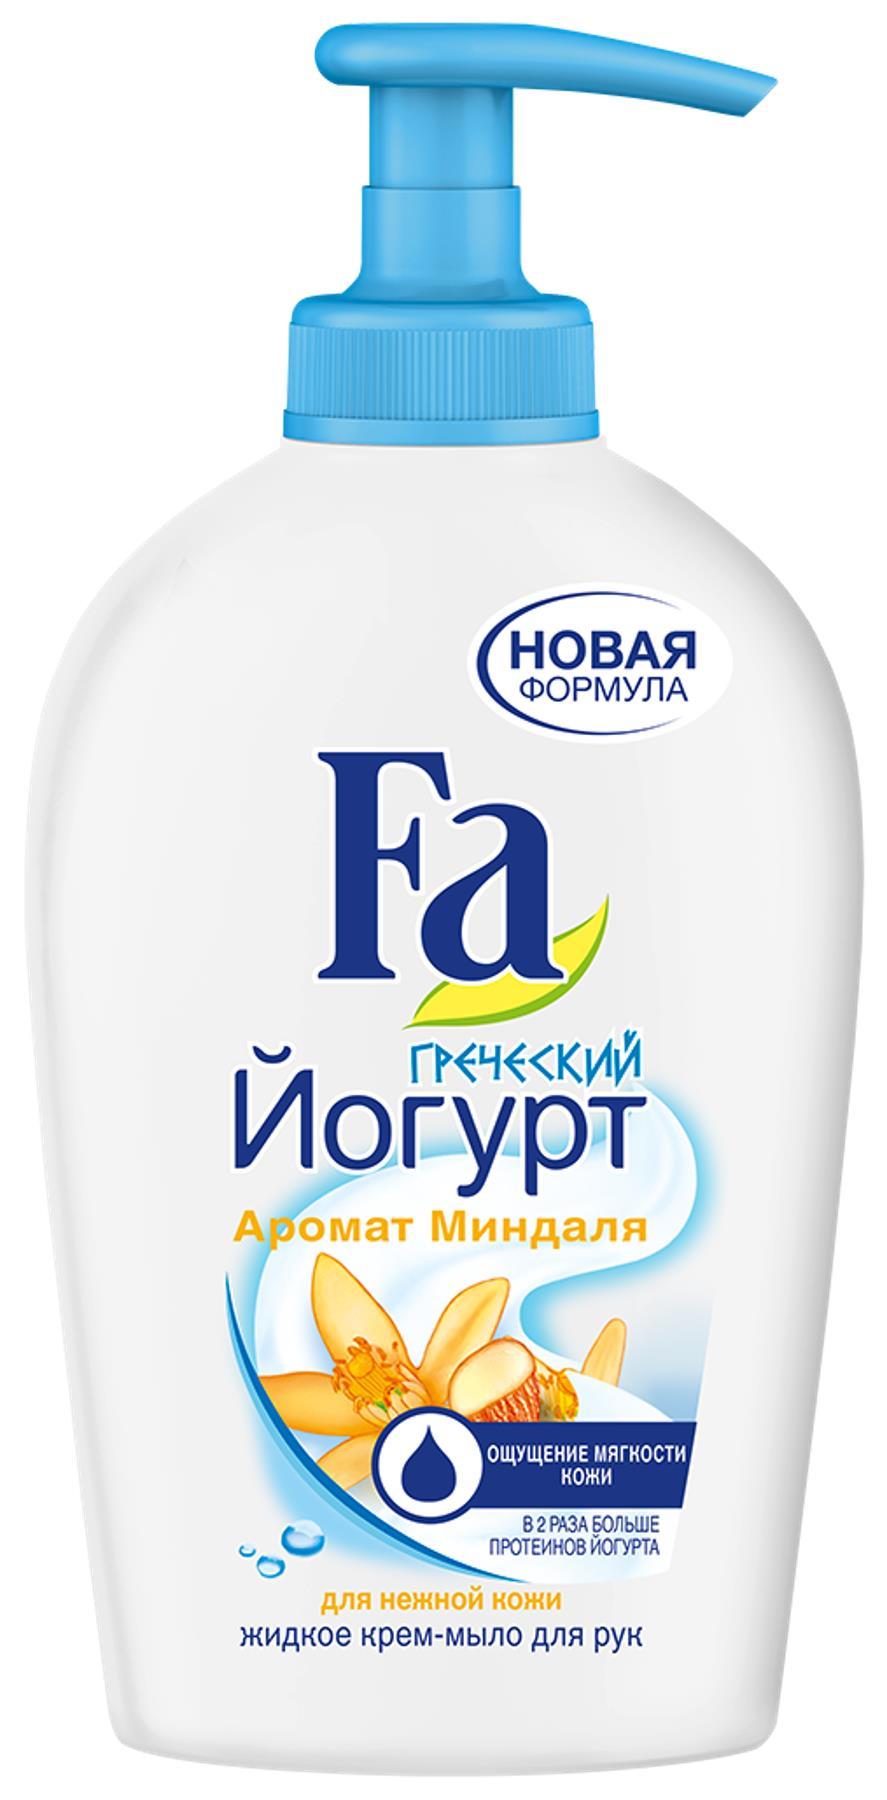 Fa Жидкое крем-мыло геческий Йогурт Миндаль, 250 мл вкуснотеево йогурт с вишней 3 5